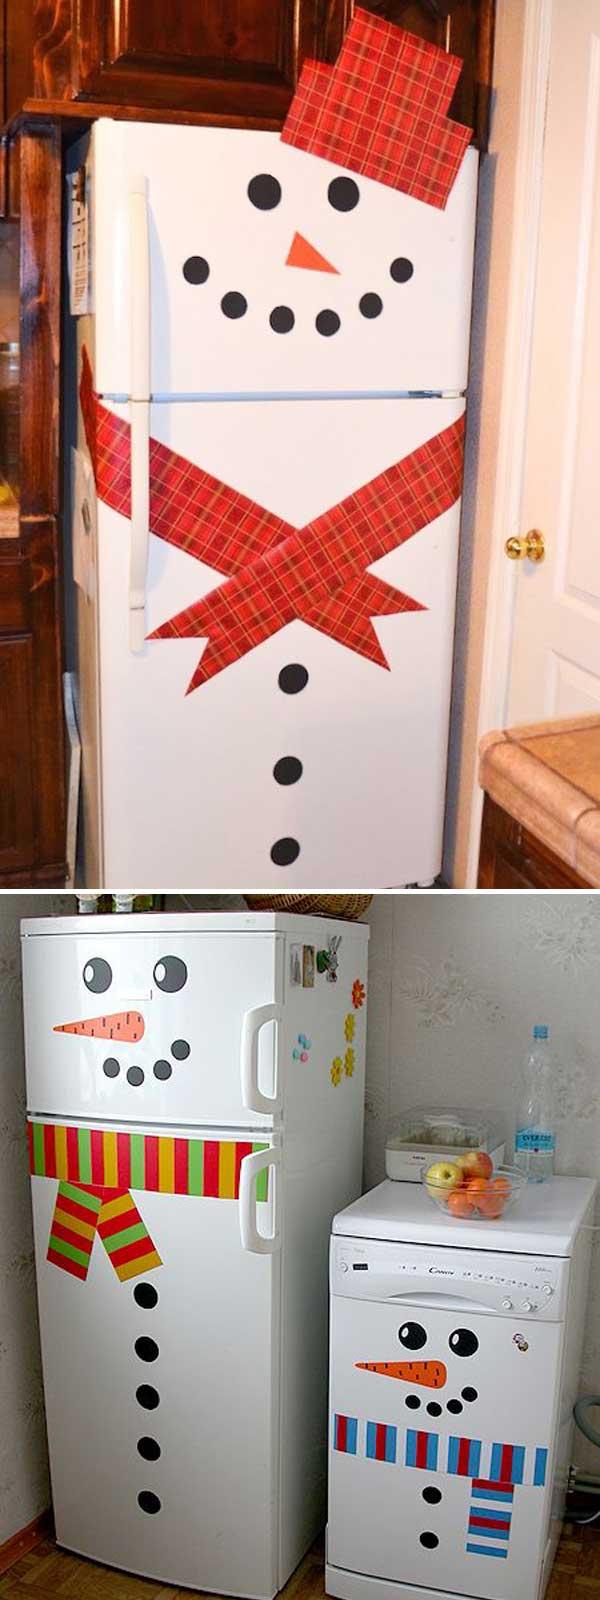 décorer sa cuisine pour noel voici 20 idées! inspirez-vous